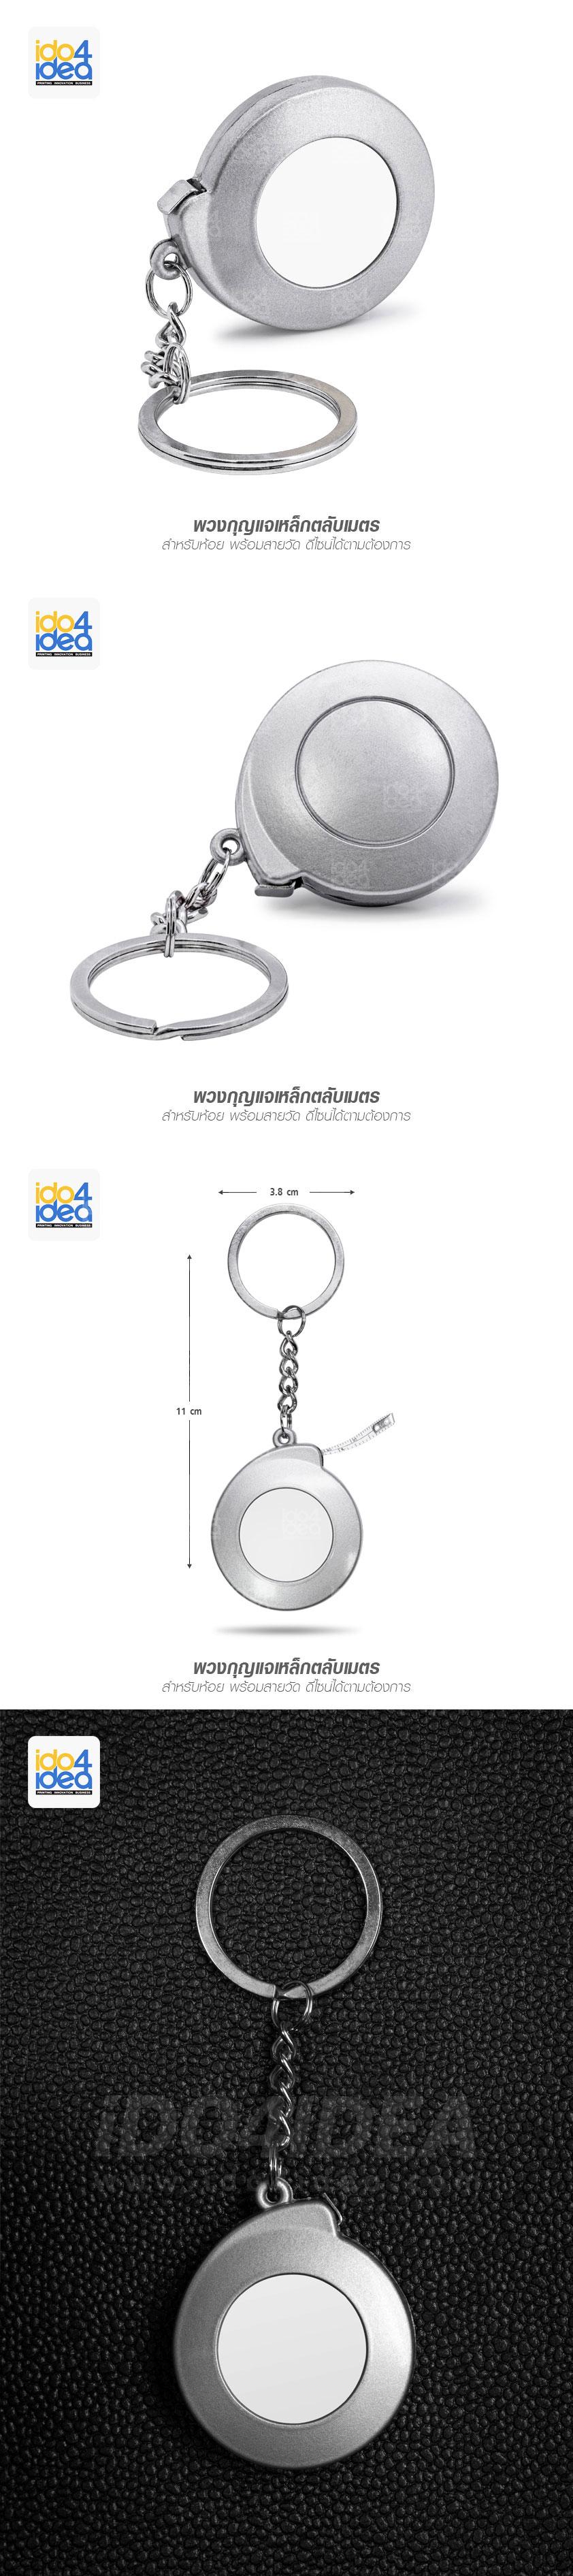 พวงกุญแจเหล็กตลับเมตร ยาว 1 เมตร